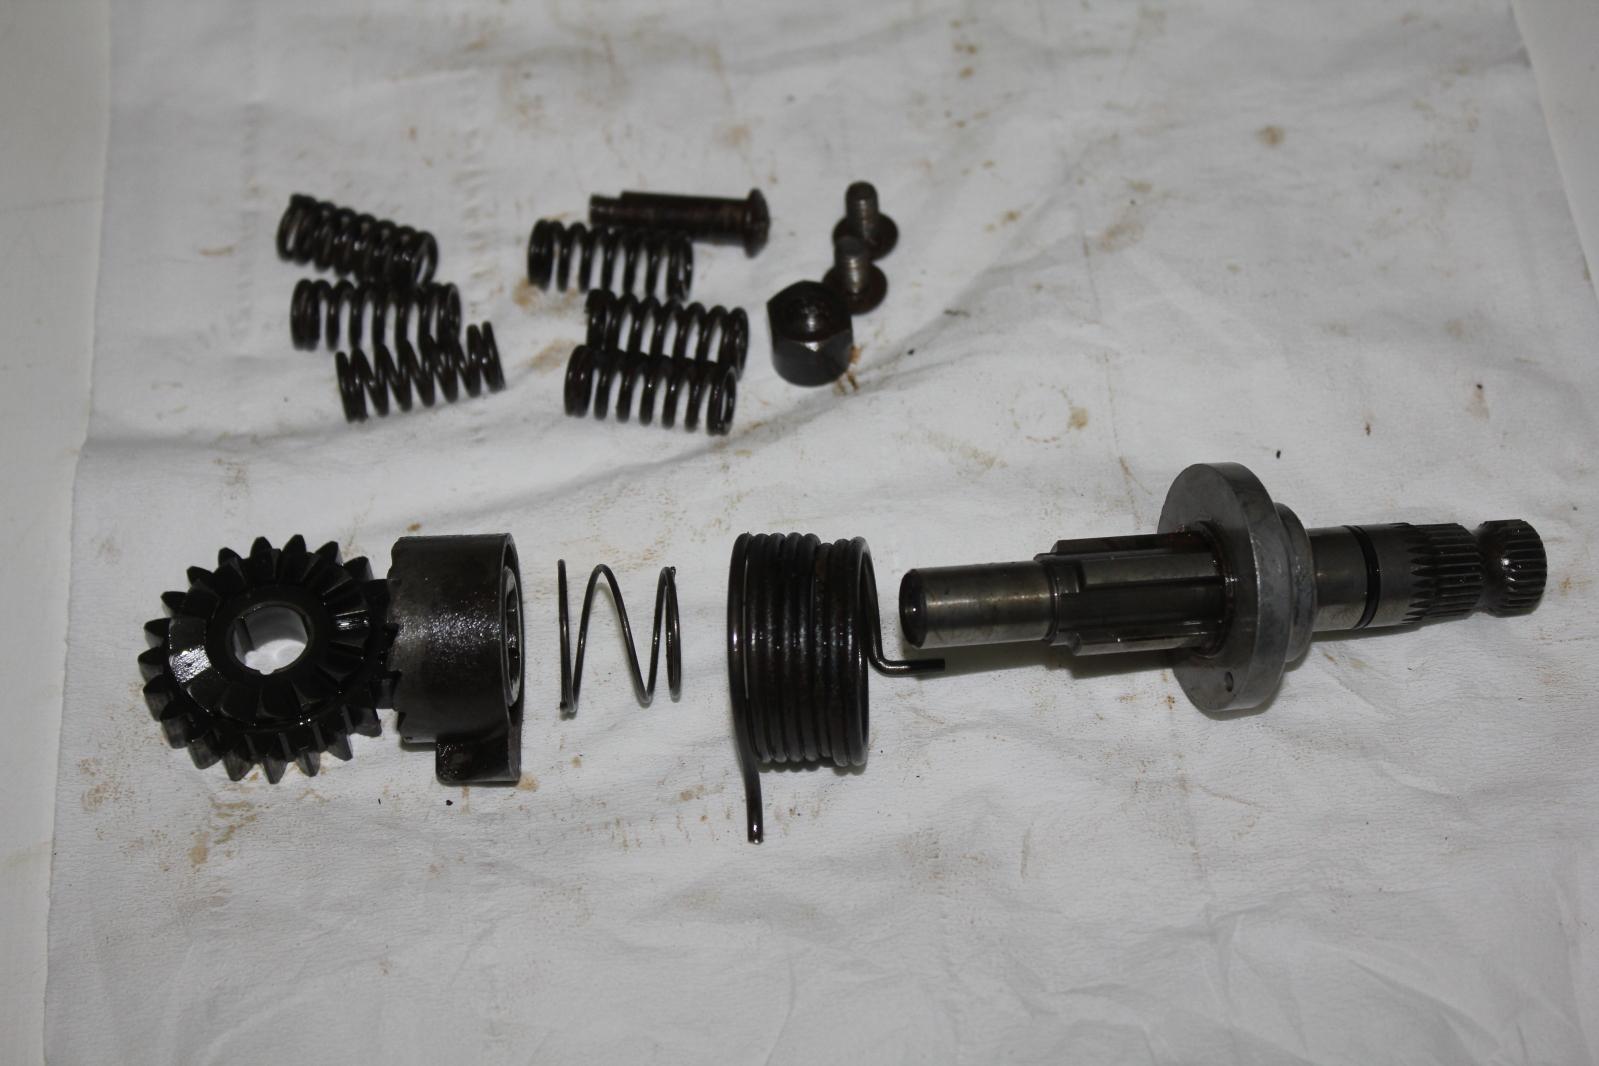 Mejoras en motores P3 P4 RV4 DL P6 K6... - Página 4 Xdiaa8